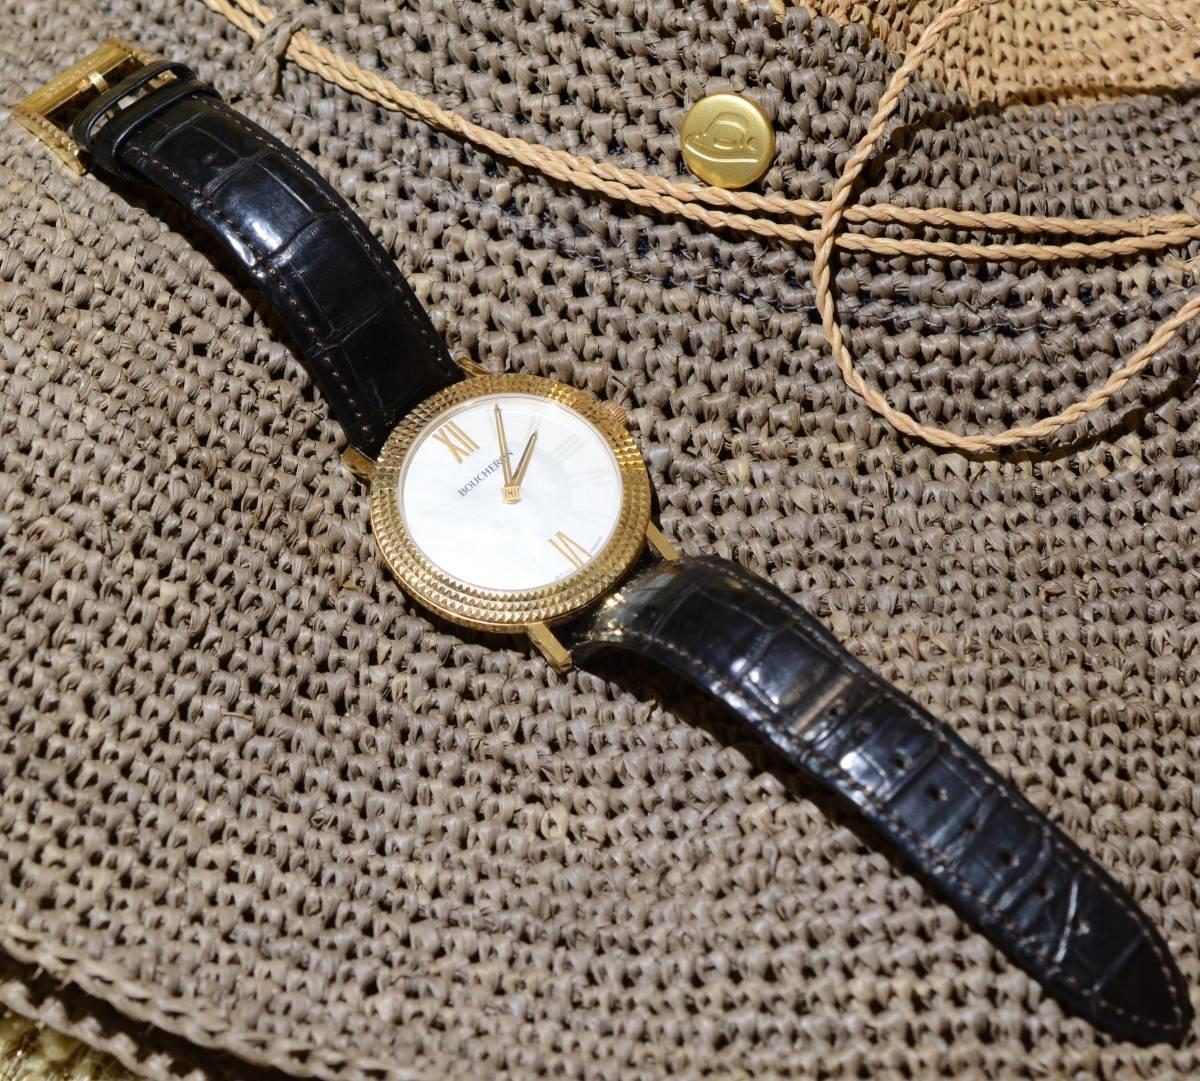 ブシュロン BOUCHERON ロンド ディアマン ゴールド 金無垢 ゴールド 18K 時計 ウォッチ シェル文字盤_画像7